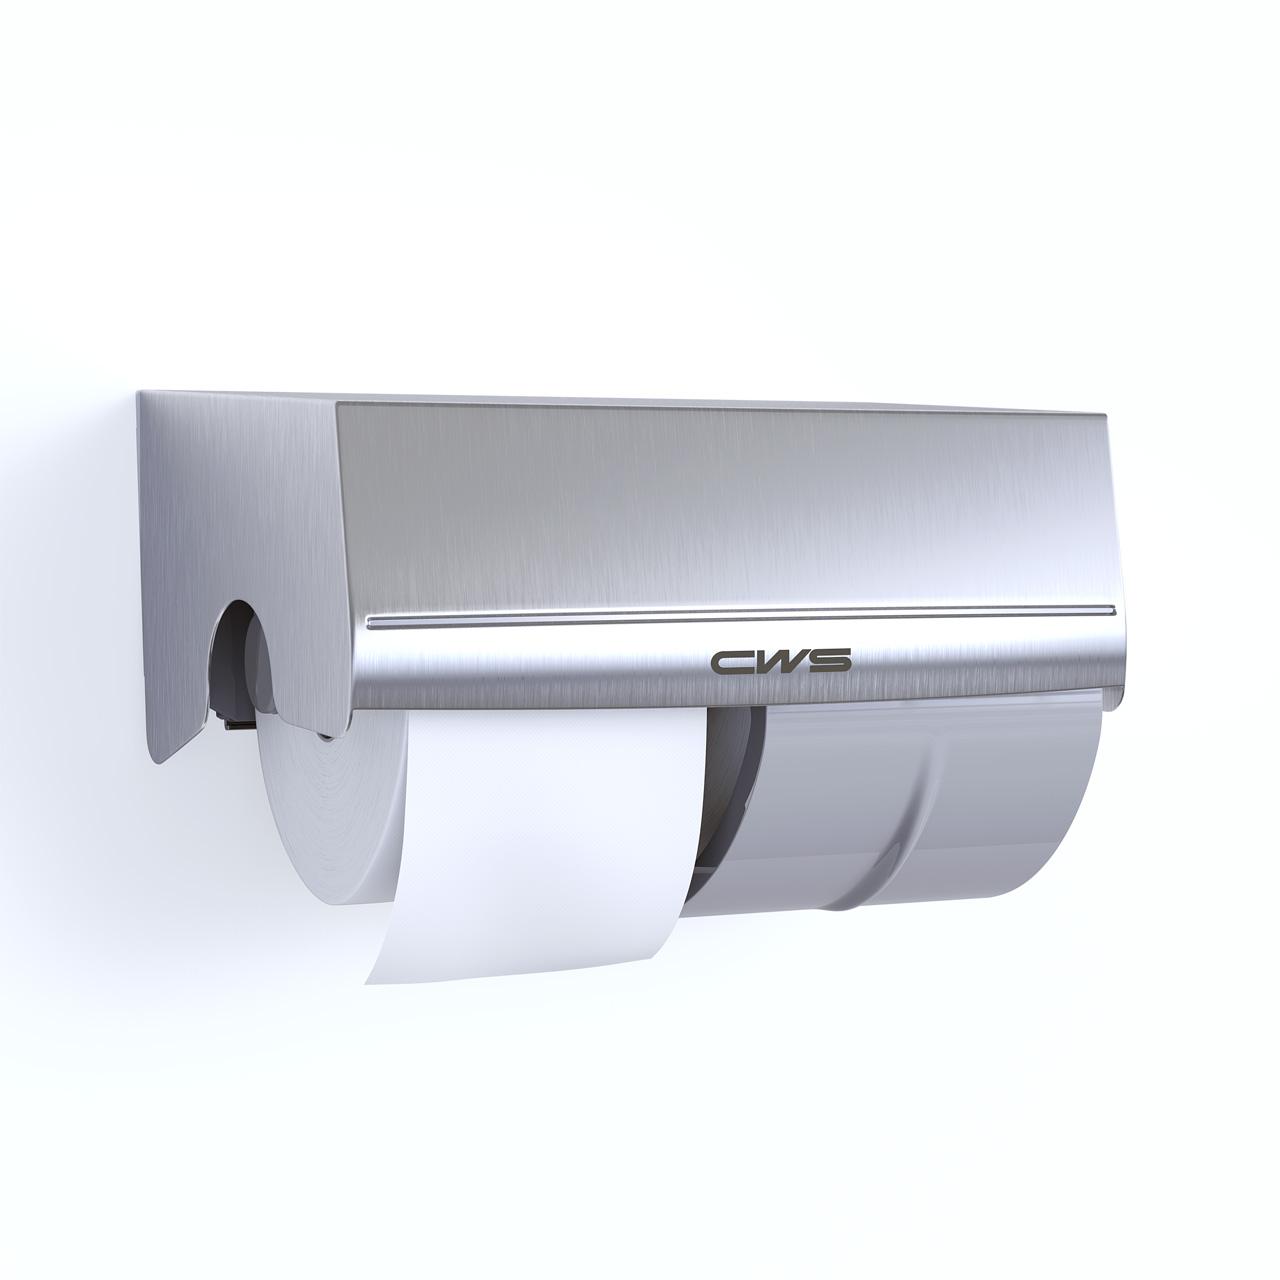 ParadiseLine Stainless Steel Toiletpape